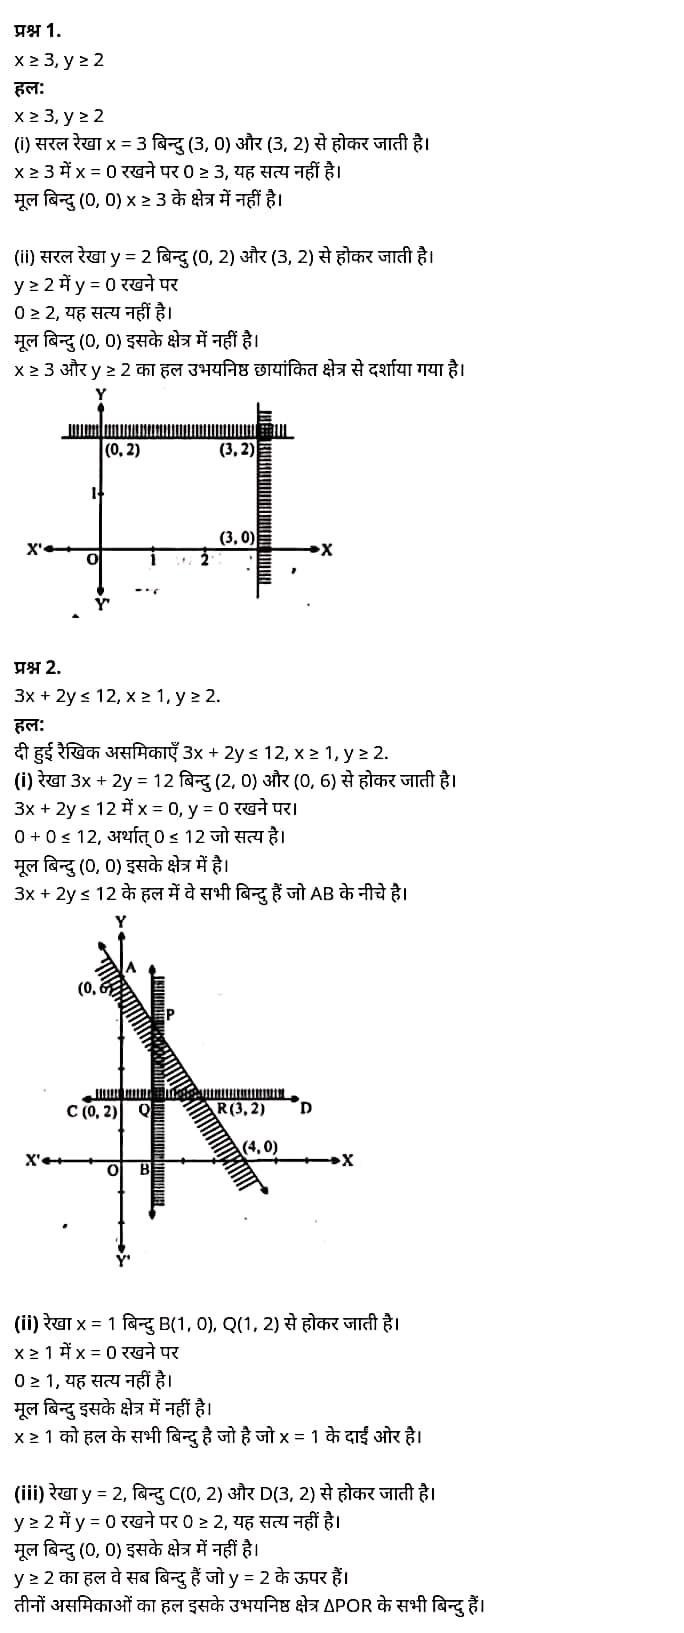 Linear Inequalities,  system of linear inequalities,  solving linear inequalities with two variables,  linear inequalities worksheet,  linear inequalities solver,  linear inequalities questions,  linear inequalities in one variable,  linear inequalities graphing,  linear inequalities formula,   Class 11 matha Chapter 6,  class 11 matha chapter 6 ncert solutions in hindi,  class 11 matha chapter 6 notes in hindi,  class 11 matha chapter 6 question answer,  class 11 matha chapter 6 notes,  11 class matha chapter 6 in hindi,  class 11 matha chapter 6 in hindi,  class 11 matha chapter 6 important questions in hindi,  class 11 matha notes in hindi,   matha class 11 notes pdf,  matha Class 11 Notes 2021 NCERT,  matha Class 11 PDF,  matha book,  matha Quiz Class 11,  11th matha book up board,  up Board 11th matha Notes,  कक्षा 11 मैथ्स अध्याय 6,  कक्षा 11 मैथ्स का अध्याय 6 ncert solution in hindi,  कक्षा 11 मैथ्स के अध्याय 6 के नोट्स हिंदी में,  कक्षा 11 का मैथ्स अध्याय 6 का प्रश्न उत्तर,  कक्षा 11 मैथ्स अध्याय 6 के नोट्स,  11 कक्षा मैथ्स अध्याय 6 हिंदी में,  कक्षा 11 मैथ्स अध्याय 6 हिंदी में,  कक्षा 11 मैथ्स अध्याय 6 महत्वपूर्ण प्रश्न हिंदी में,  कक्षा 11 के मैथ्स के नोट्स हिंदी में,  मैथ्स कक्षा 11 नोट्स pdf,  मैथ्स कक्षा 11 नोट्स 2021 NCERT,  मैथ्स कक्षा 11 PDF,  मैथ्स पुस्तक,  मैथ्स की बुक,  मैथ्स प्रश्नोत्तरी Class 11, 11 वीं मैथ्स पुस्तक up board,  बिहार बोर्ड 11 वीं मैथ्स नोट्स,